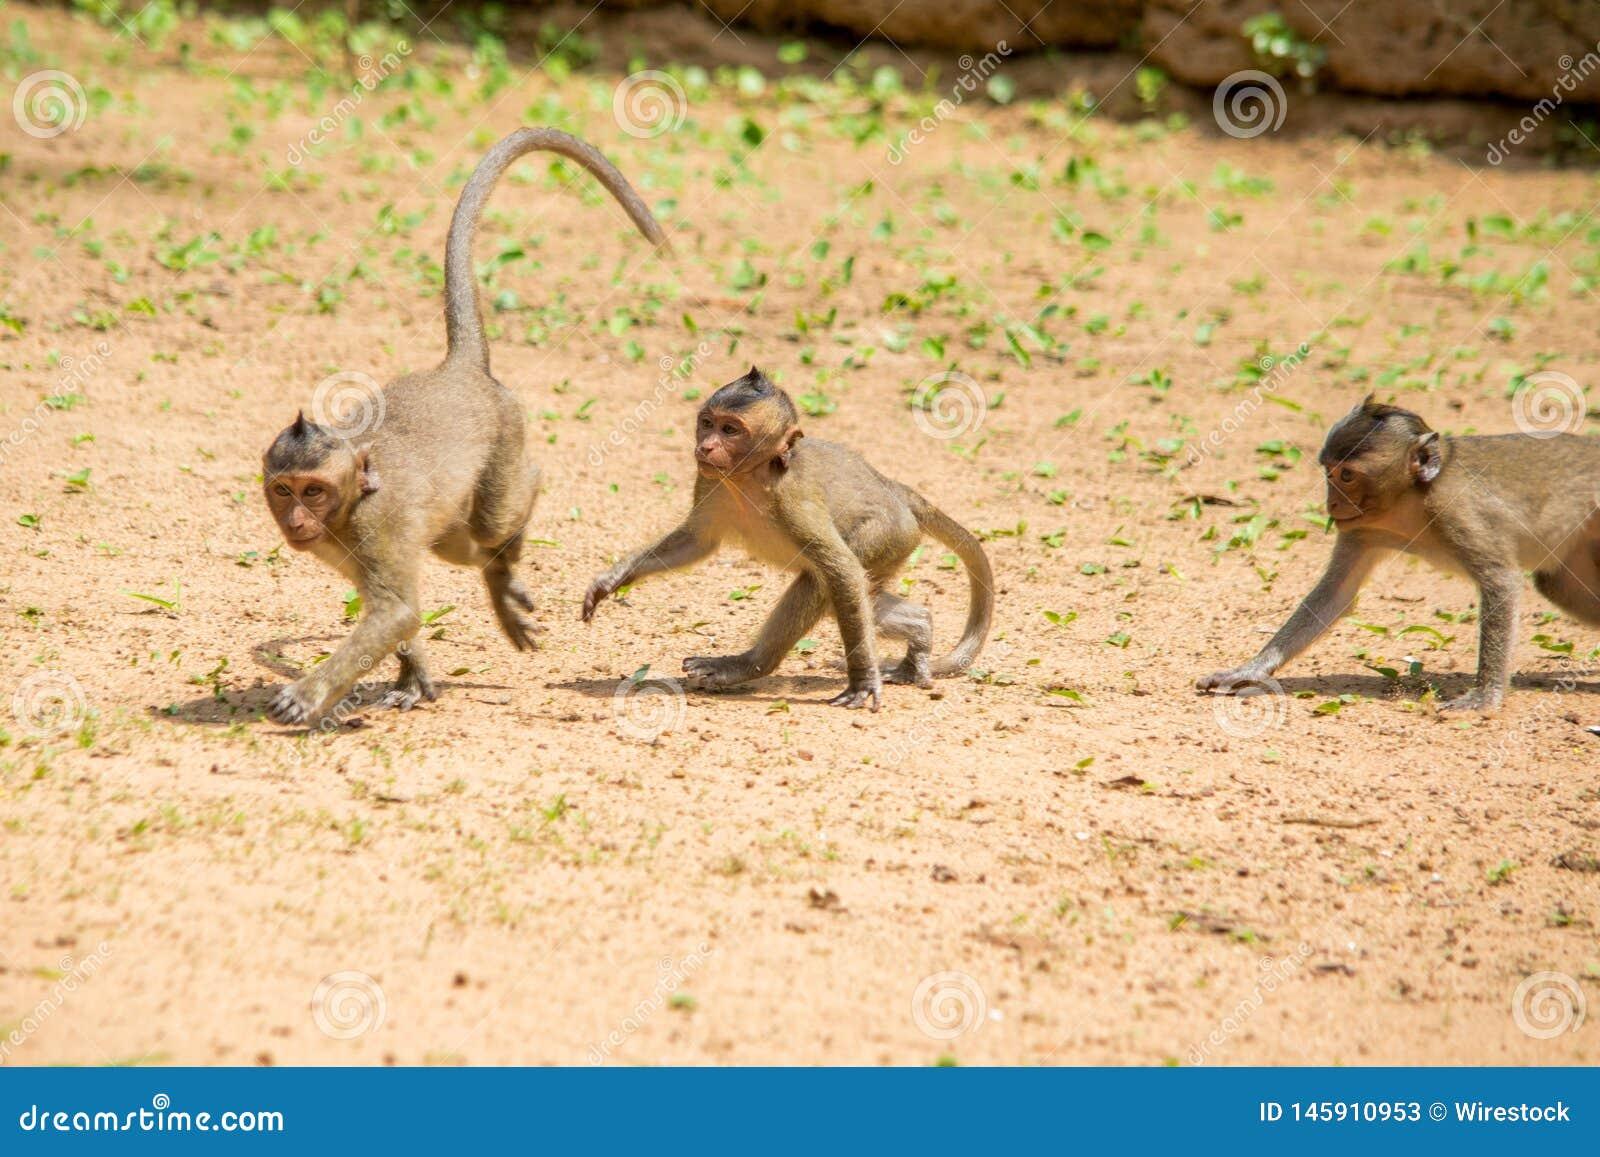 Tres monos de macaque del bebé que juegan y que se persiguen en un remiendo del suelo